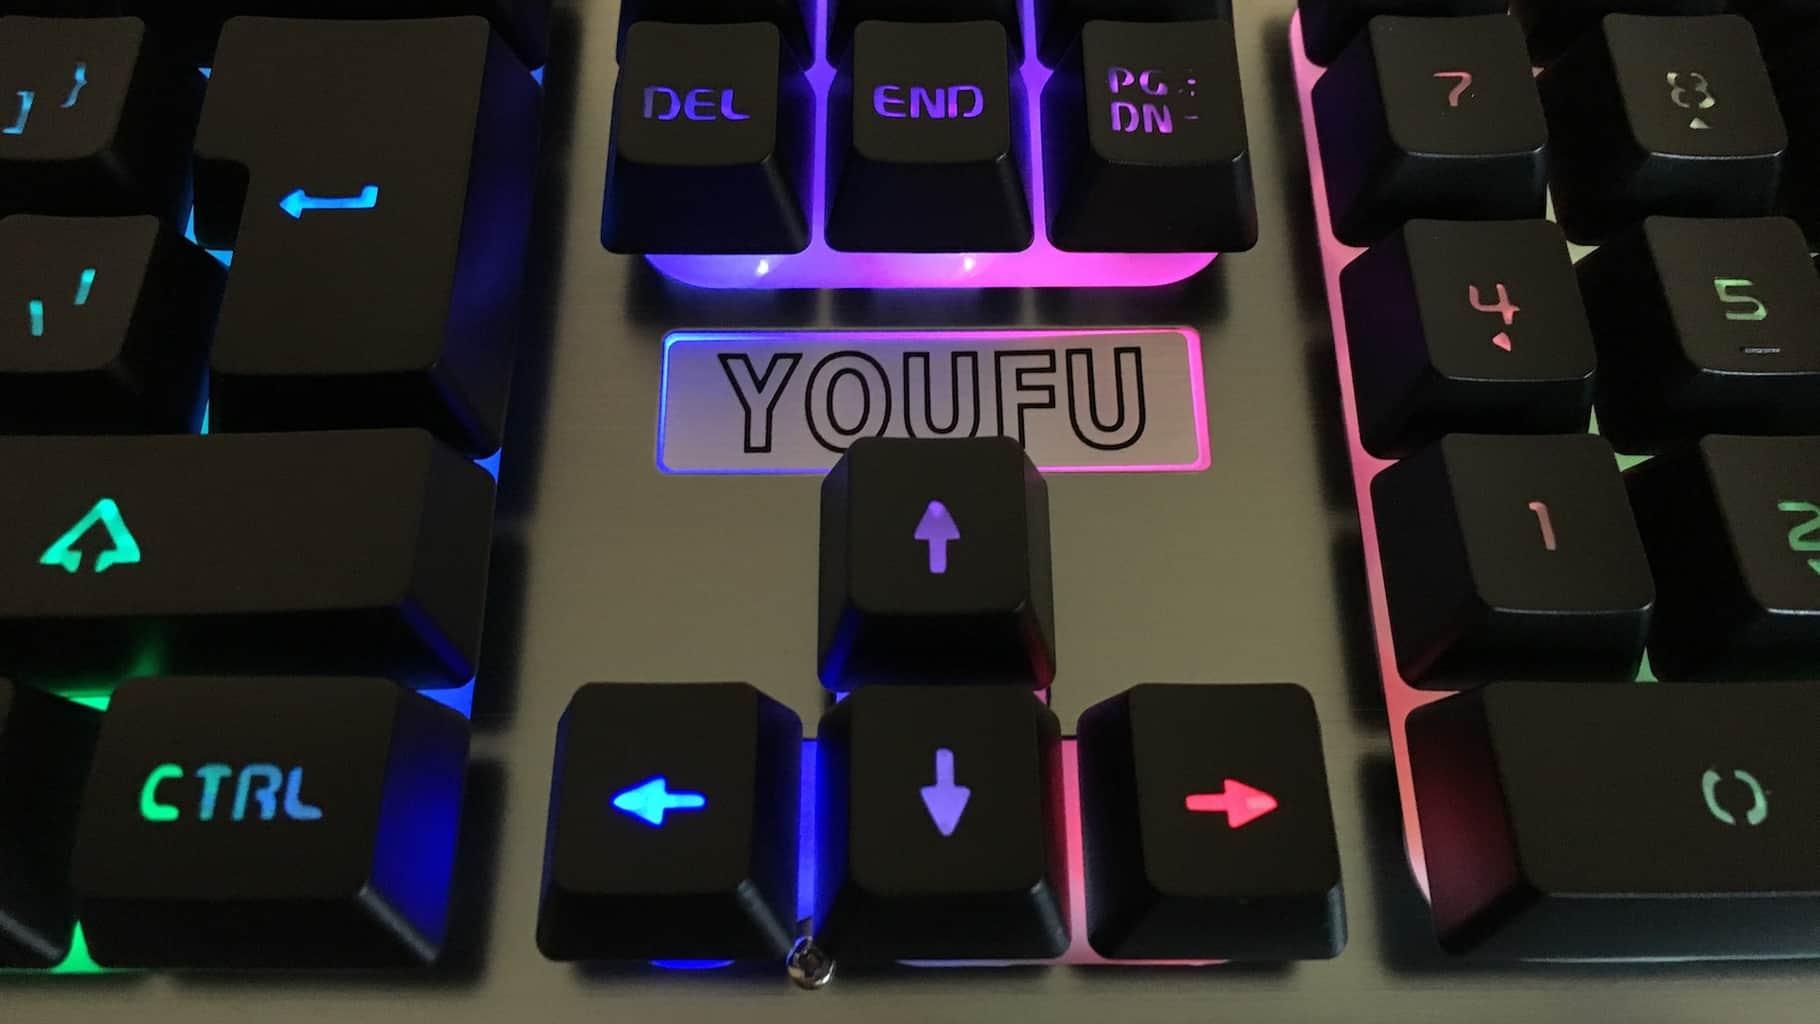 YouFu K2 Black Gaming Keyboard Review - Win10 FAQ